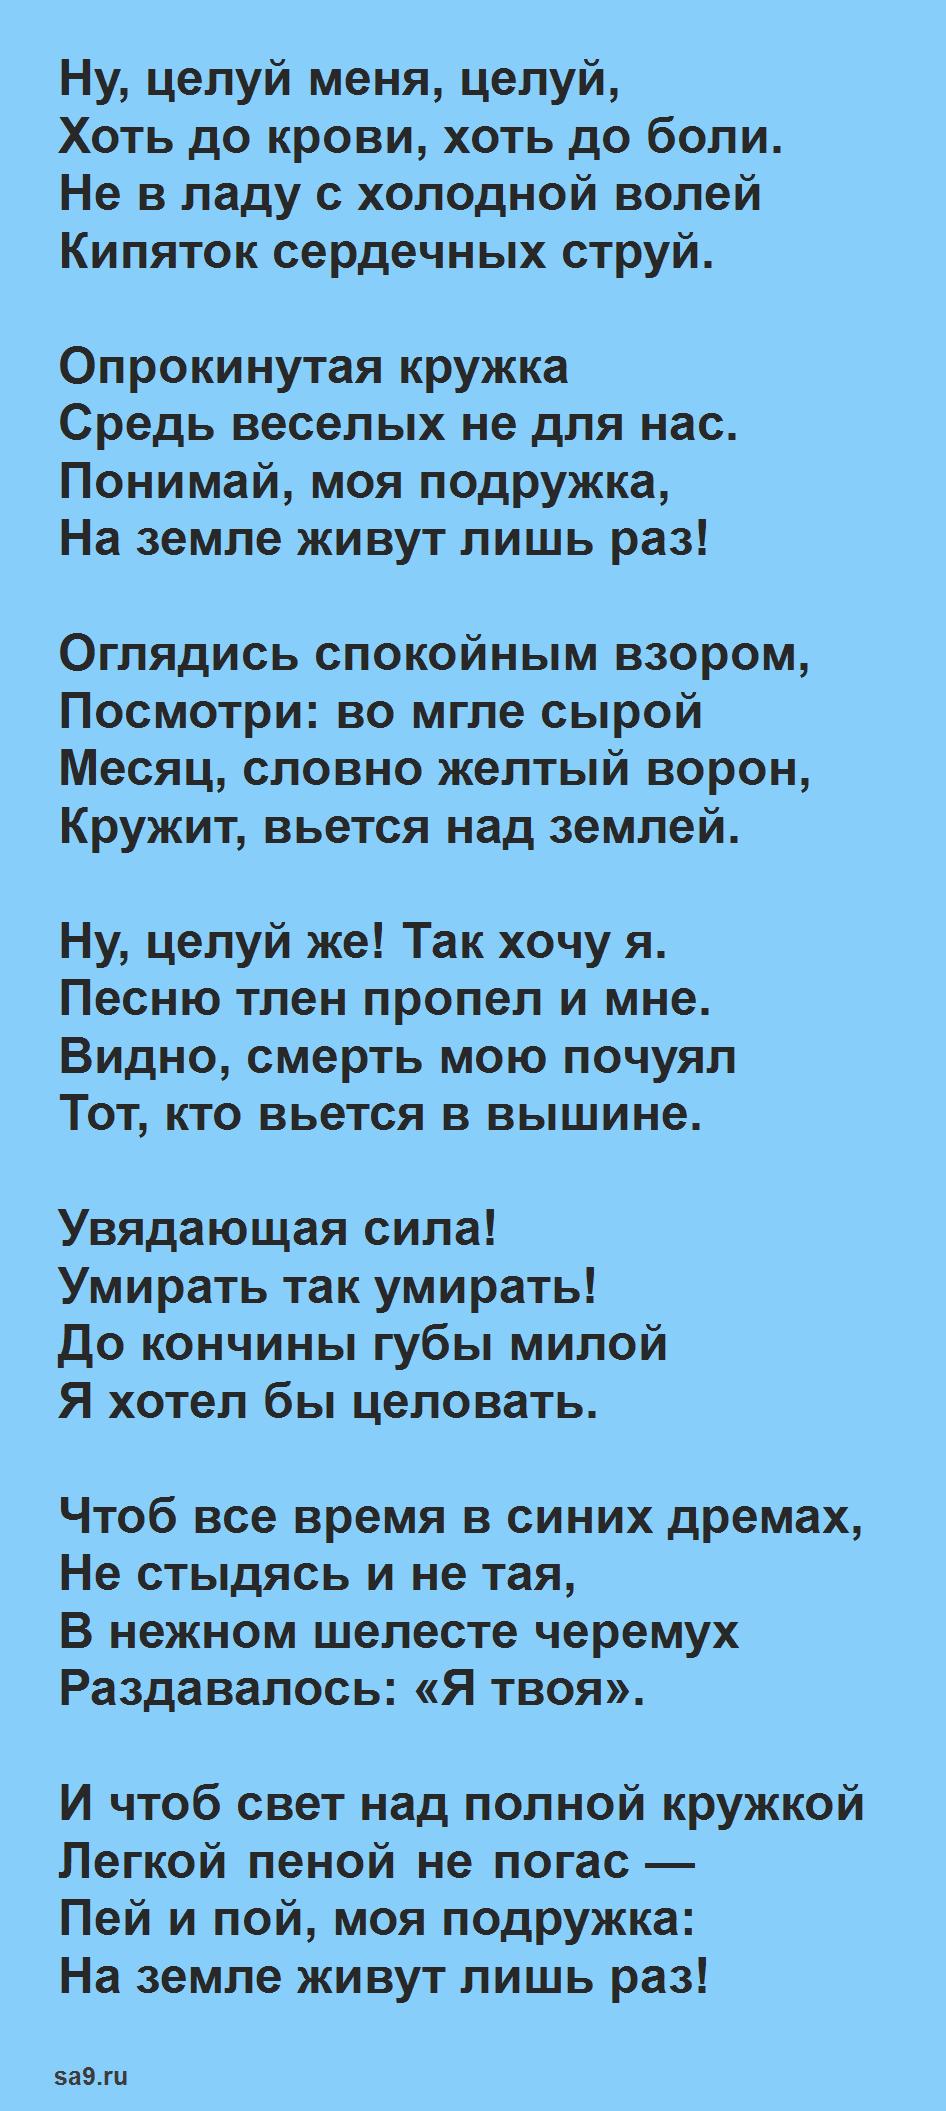 Стихи Есенина про любовь - Ну целуй меня целуй